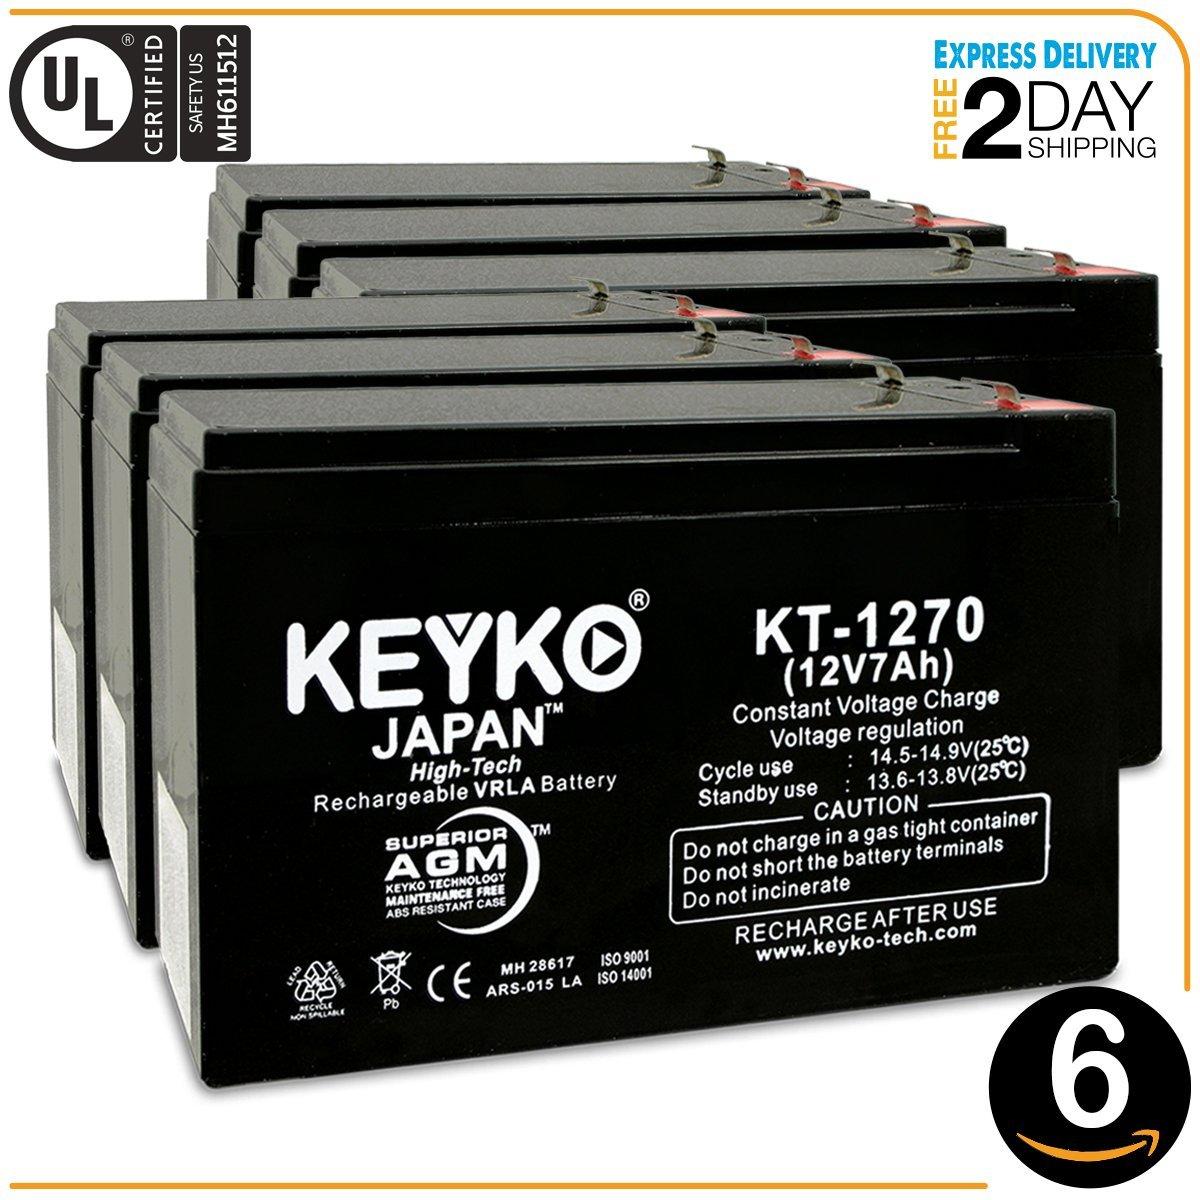 This is an AJC Brand Replacement JohnLite JML-2940 12V 7Ah Spotlight Battery